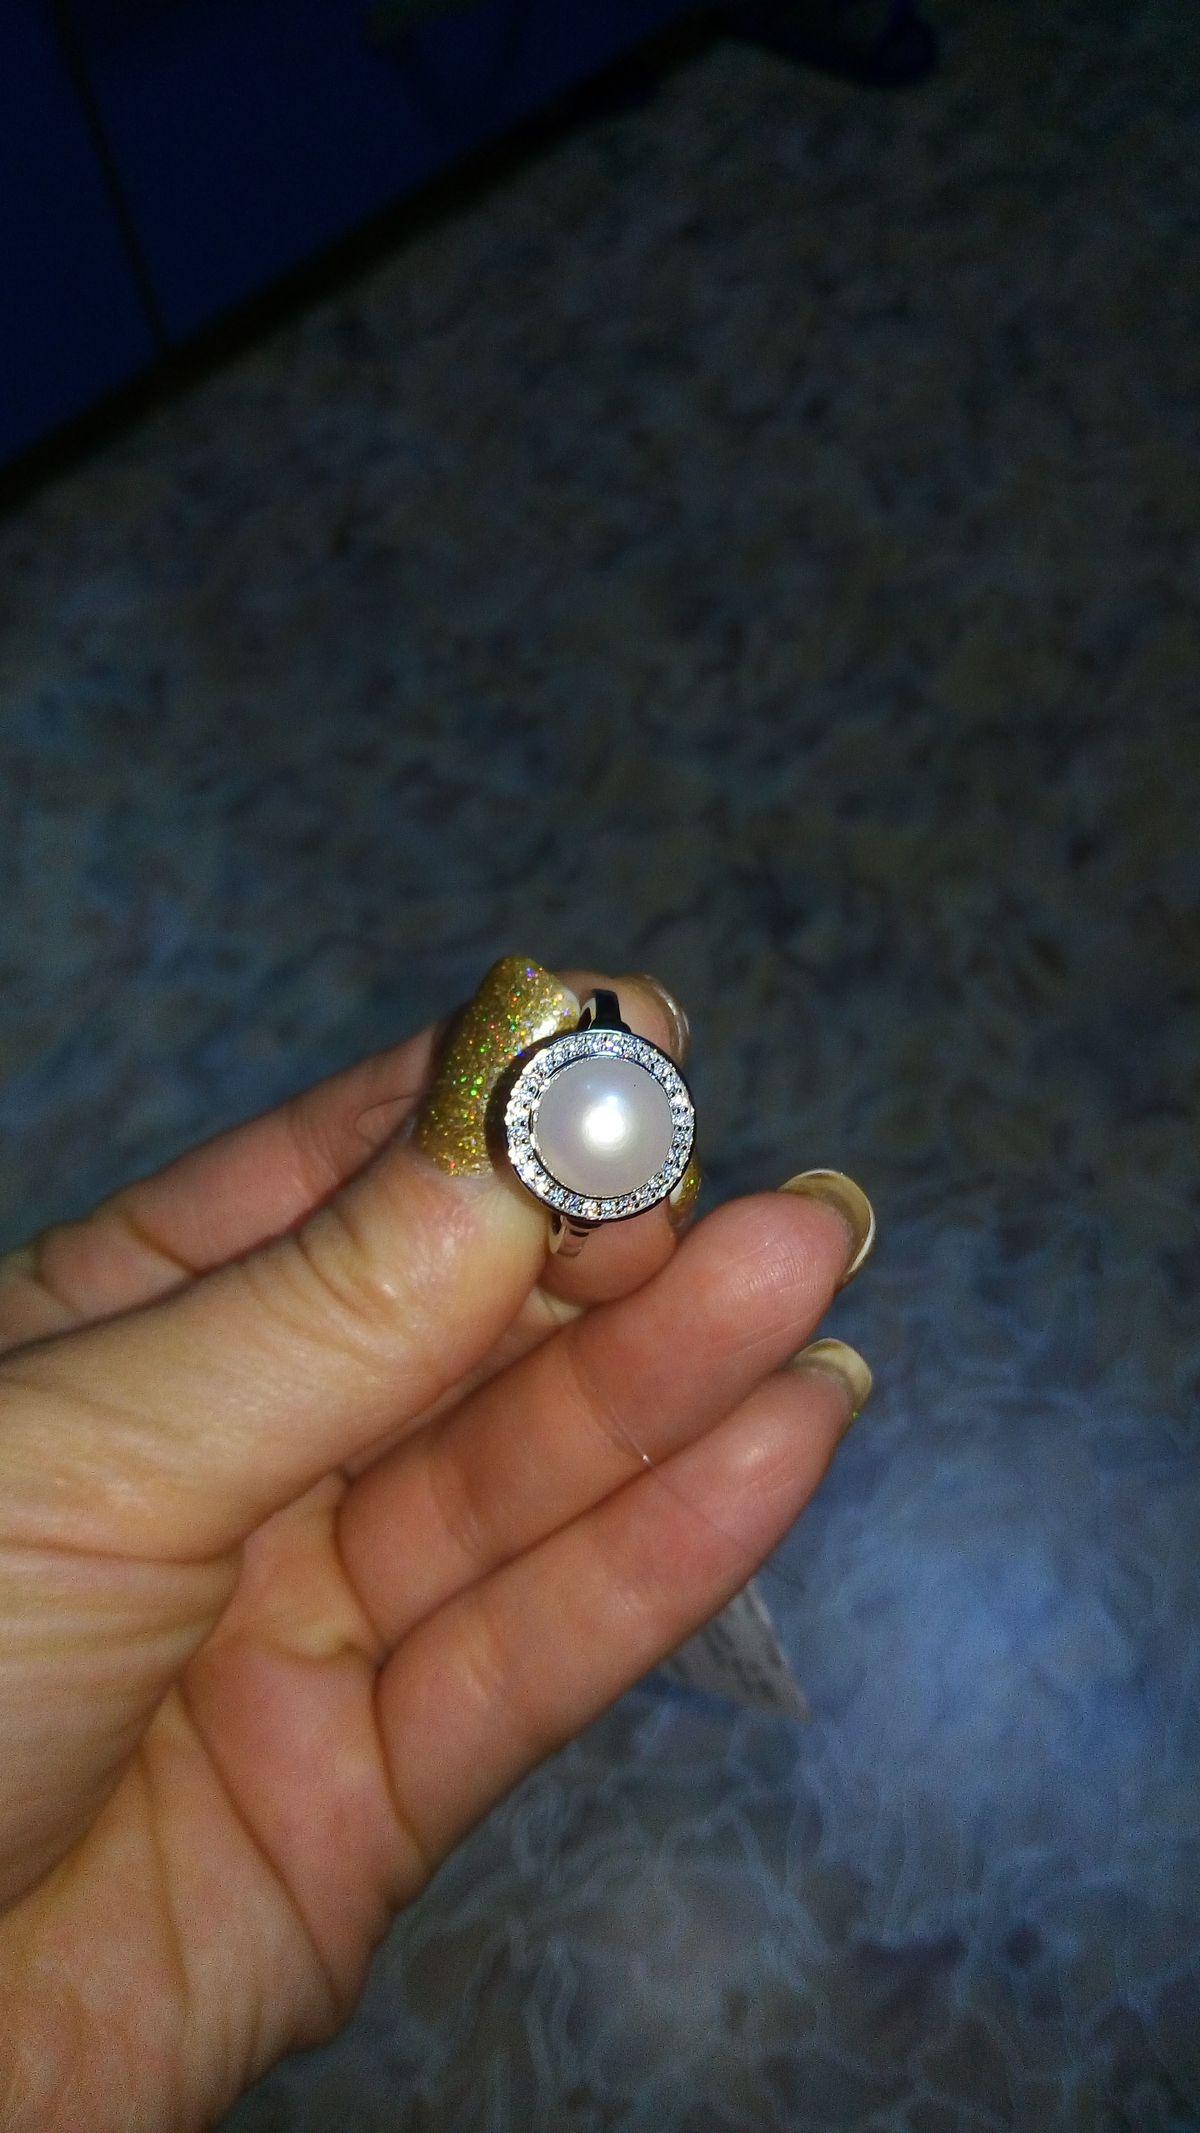 Купила кольцо, но продавец не озвучил, что оно не попадает под акцию